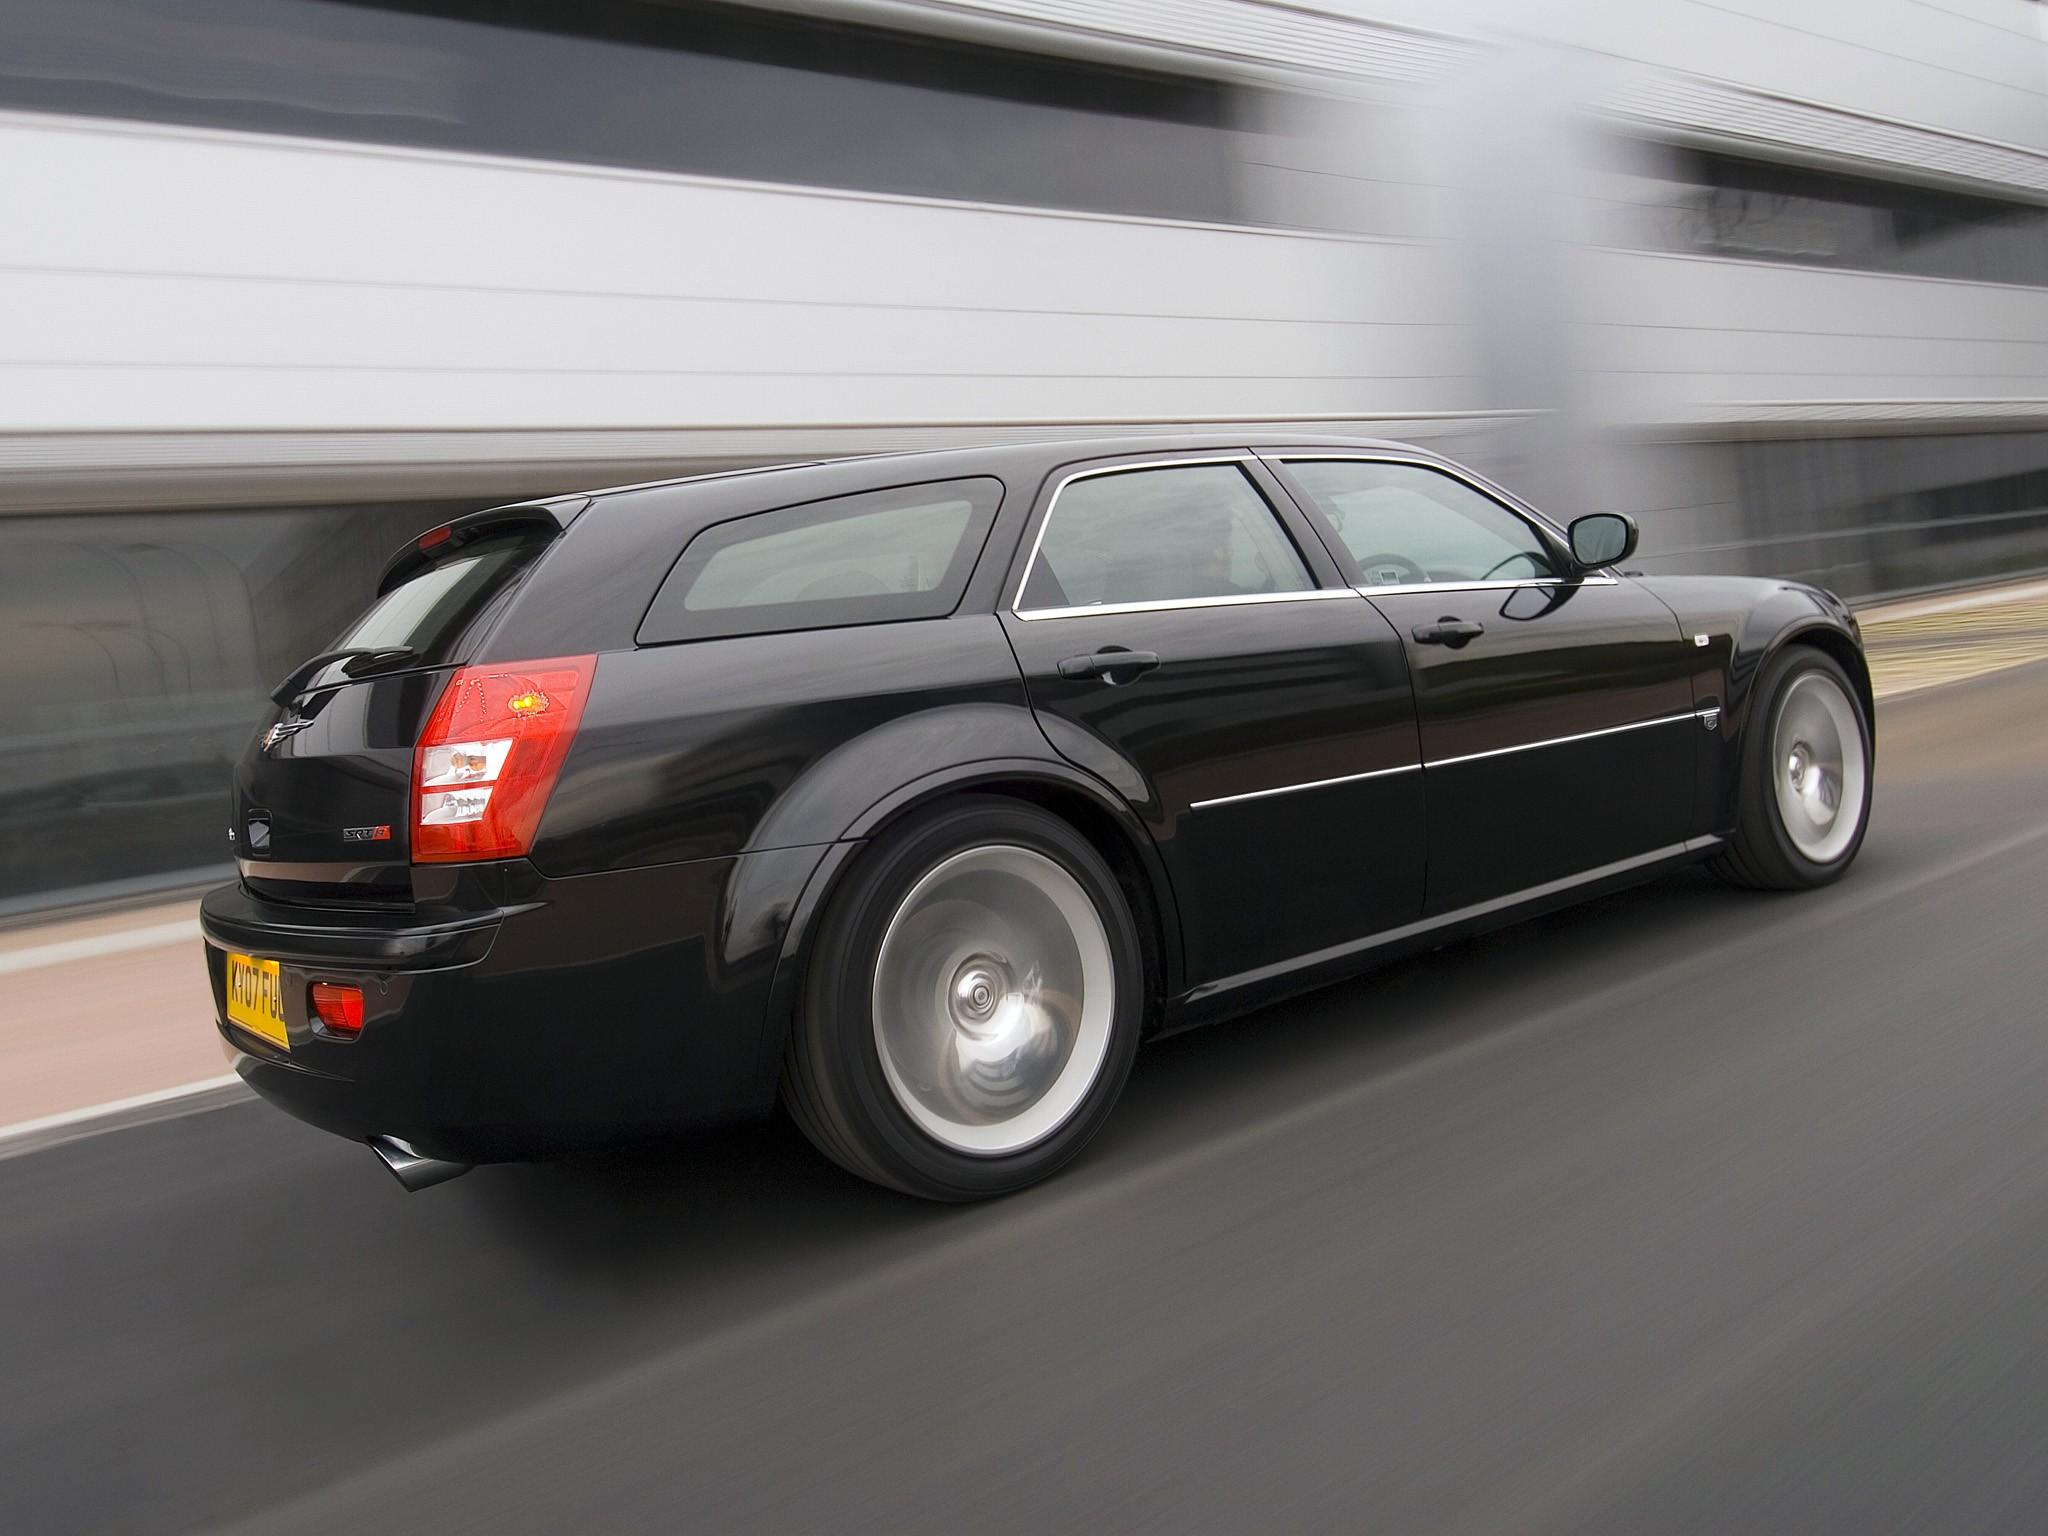 Chrysler C Touring Srt on 300c Hemi Engine